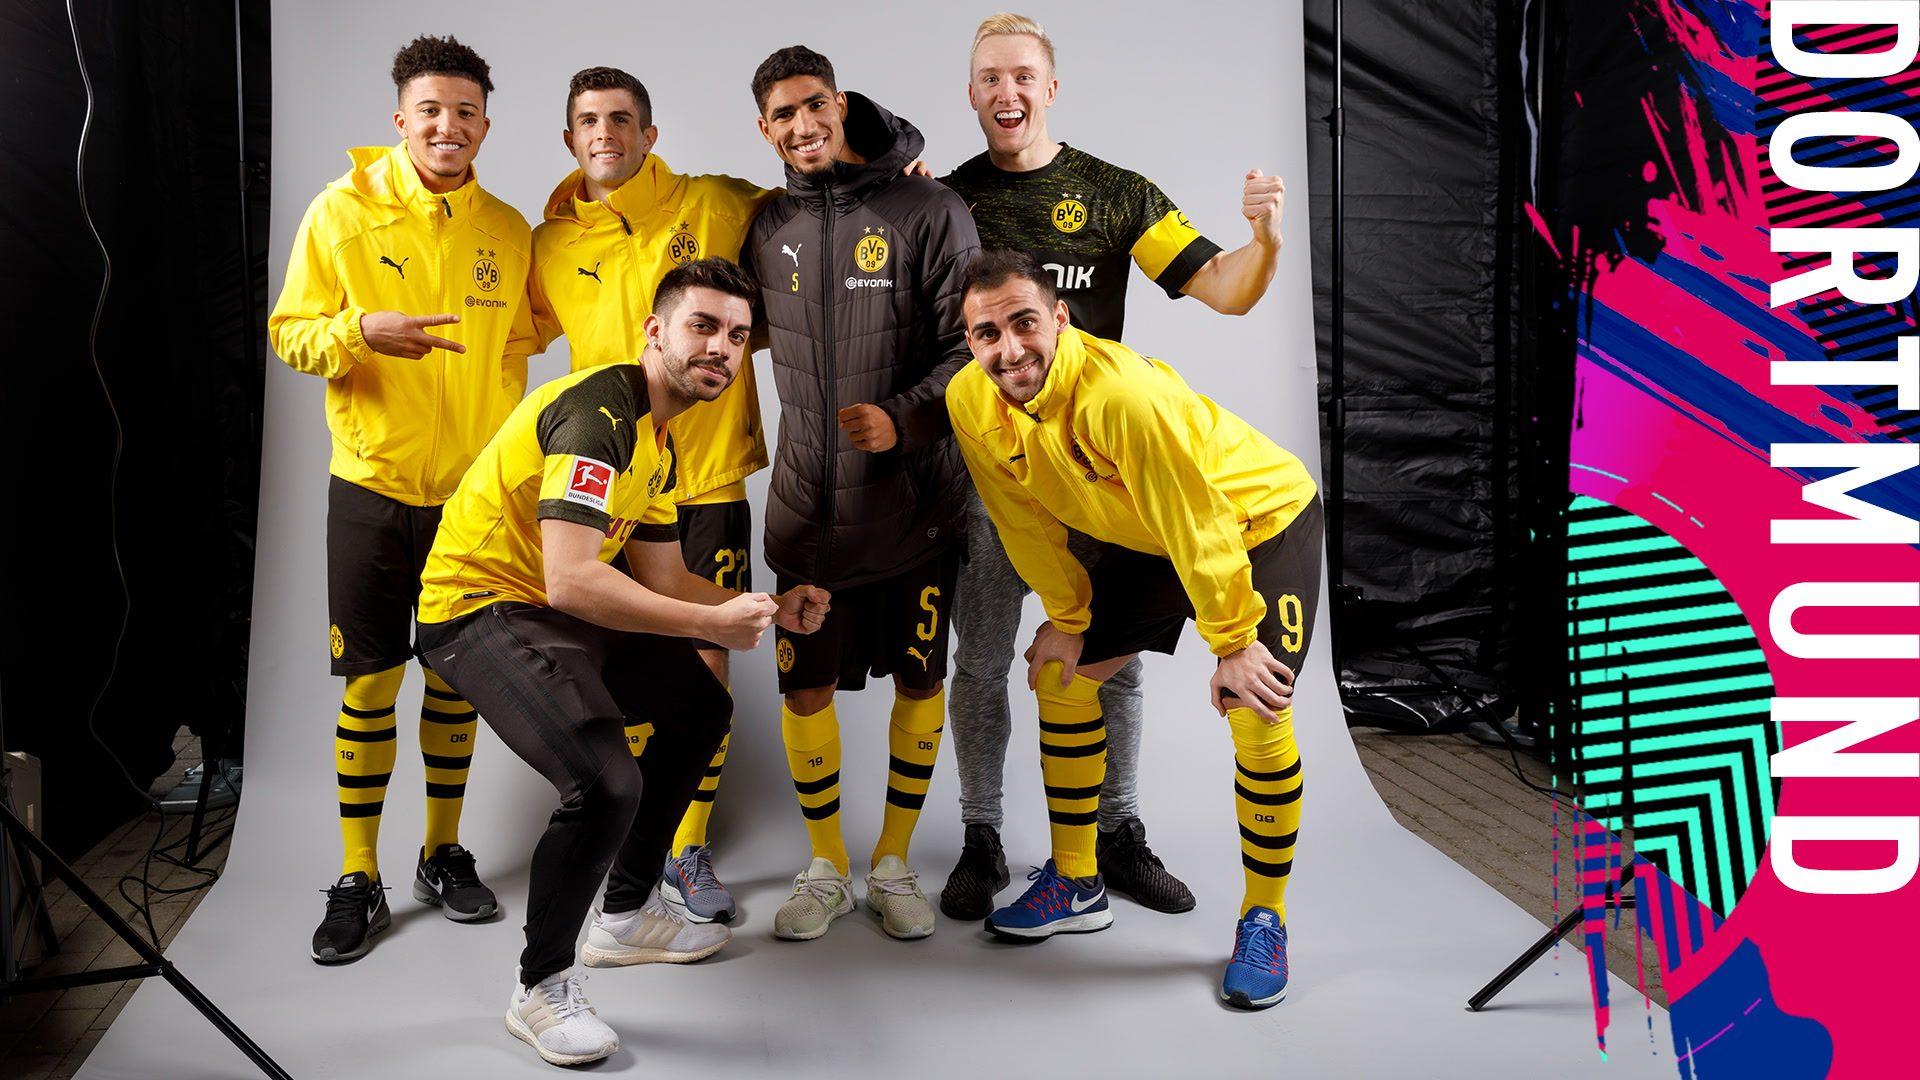 FIFA World Tour: BVB-Stars mit Reev und DjMaRiiO